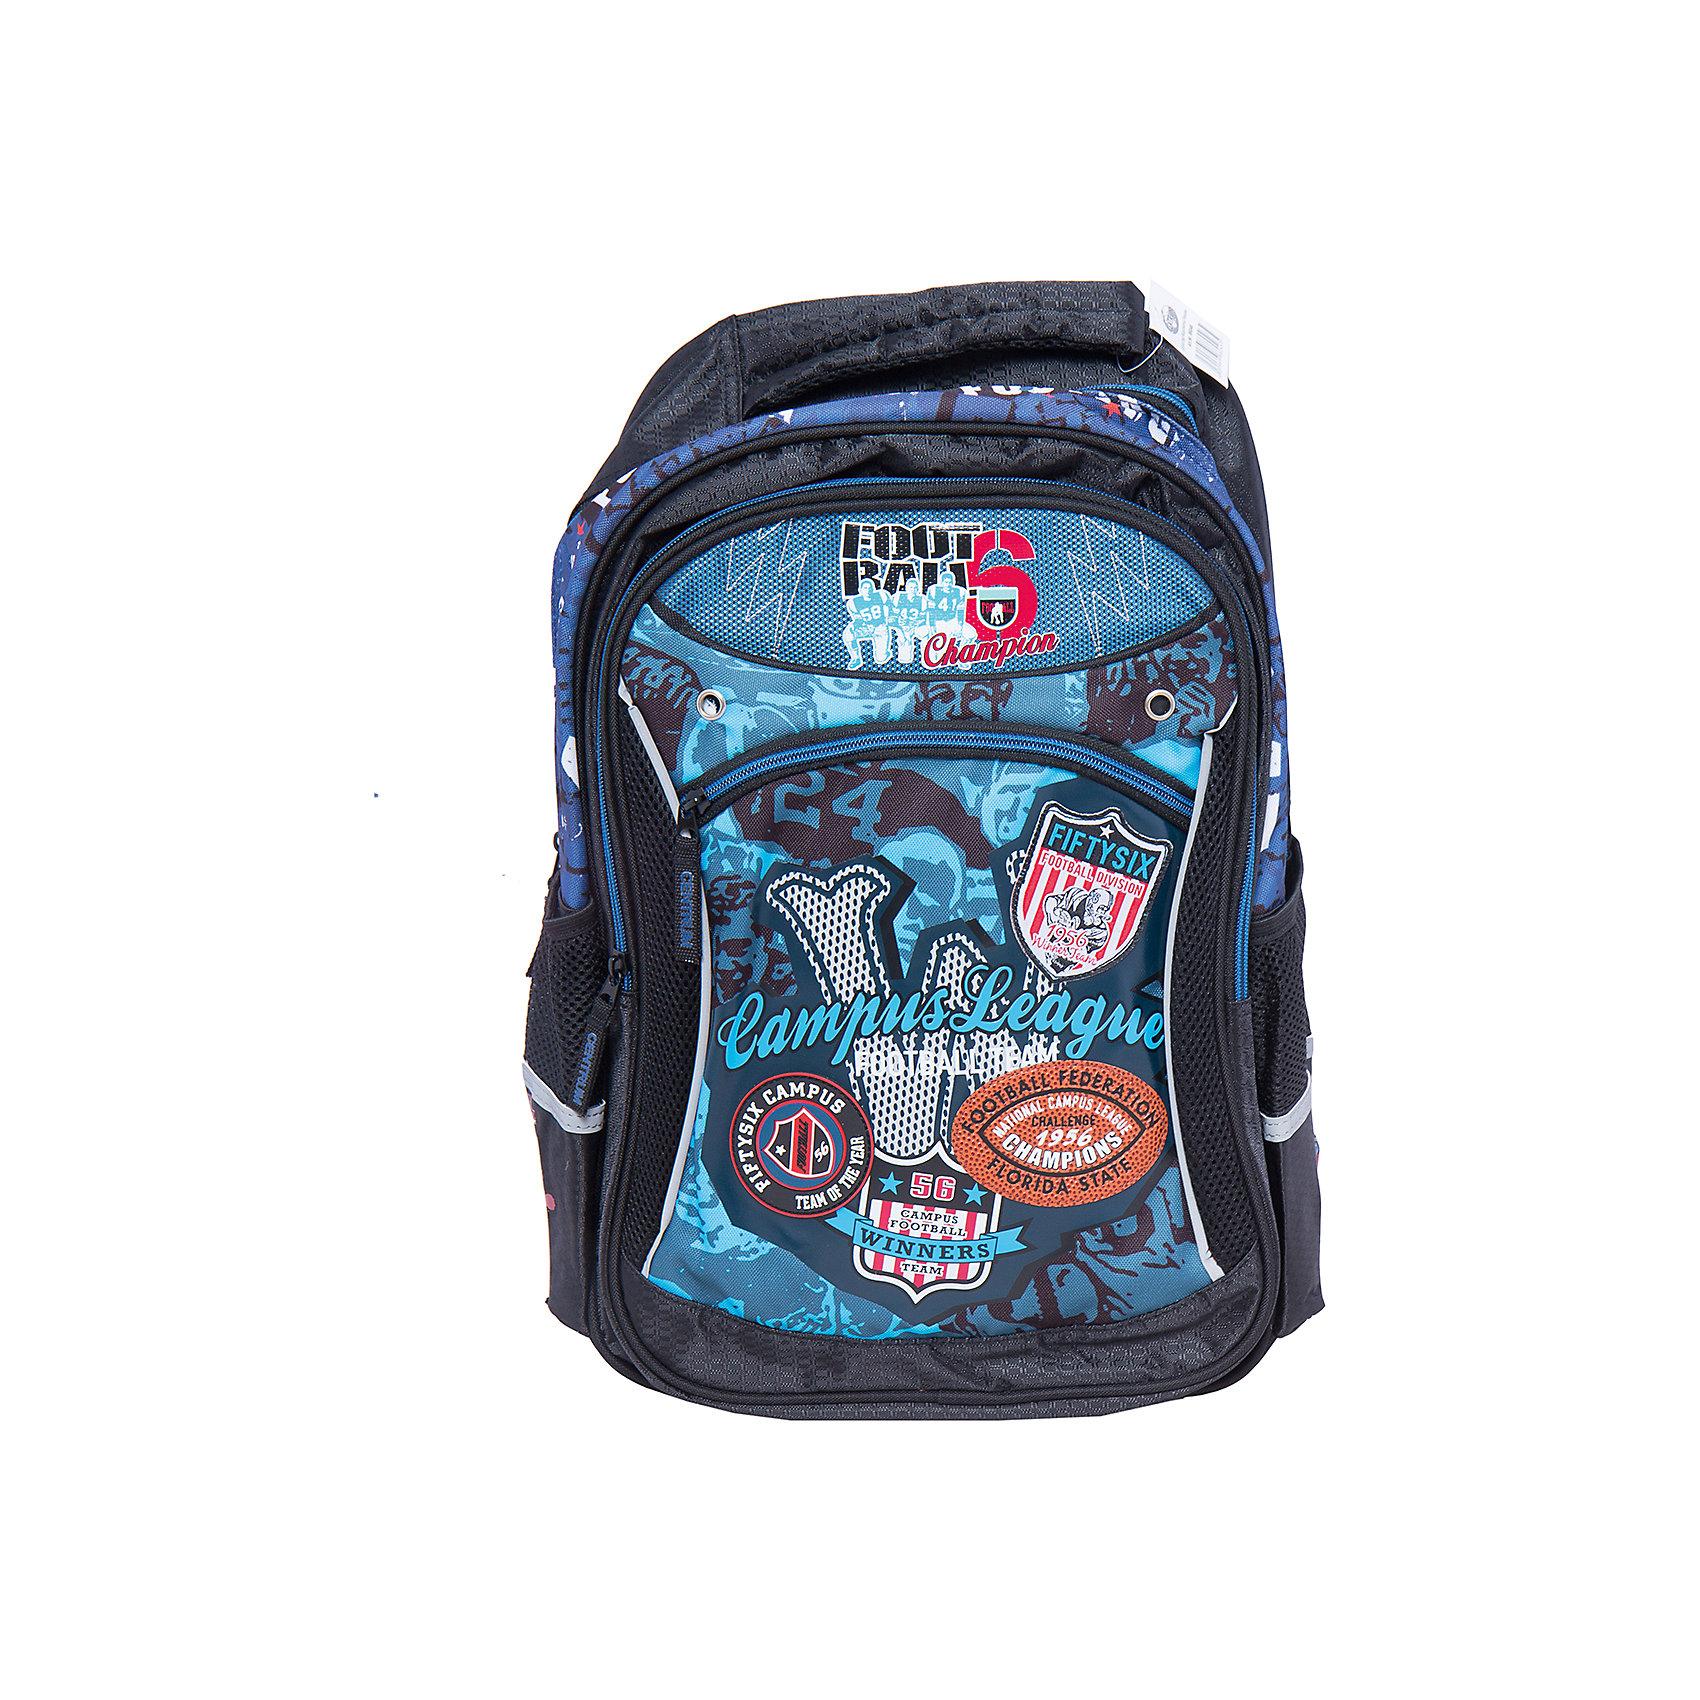 Школьный рюкзак с уплотненной спинкой и светоотражателямиРюкзак с уплотненной спинкой и светоотражателями, 42х30,5х14 см - этот яркий рюкзак вместит все, что нужно для успешного учебного дня.<br>Удобный рюкзак для повседневного использования выполнен из прочной долговечной ткани. Уплотненная спинка рюкзака не позволит ребенку устать. Широкие, мягкие, регулируемые лямки помогают равномерно распределить нагрузку по всей спине. Светоотражатели сделают Вашего ребенка заметным на дороге в темное время суток. У рюкзака имеется одно вместительное отделение, два боковых кармана и один внешний большой карман, закрывающийся на застежку-молнию. Для переноски рюкзака в руках предусмотрена ручка-петля.<br><br>Дополнительная информация:<br><br>- Материал: жаккард 600 ден<br>- Цвет: черный, синий<br>- Размер: 42х30,5х14 см.<br>- Вес: 600 гр.<br><br>Рюкзак с уплотненной спинкой и светоотражателями, 42х30,5х14 см можно купить в нашем интернет-магазине.<br><br>Ширина мм: 140<br>Глубина мм: 305<br>Высота мм: 420<br>Вес г: 600<br>Возраст от месяцев: 36<br>Возраст до месяцев: 120<br>Пол: Мужской<br>Возраст: Детский<br>SKU: 4098804